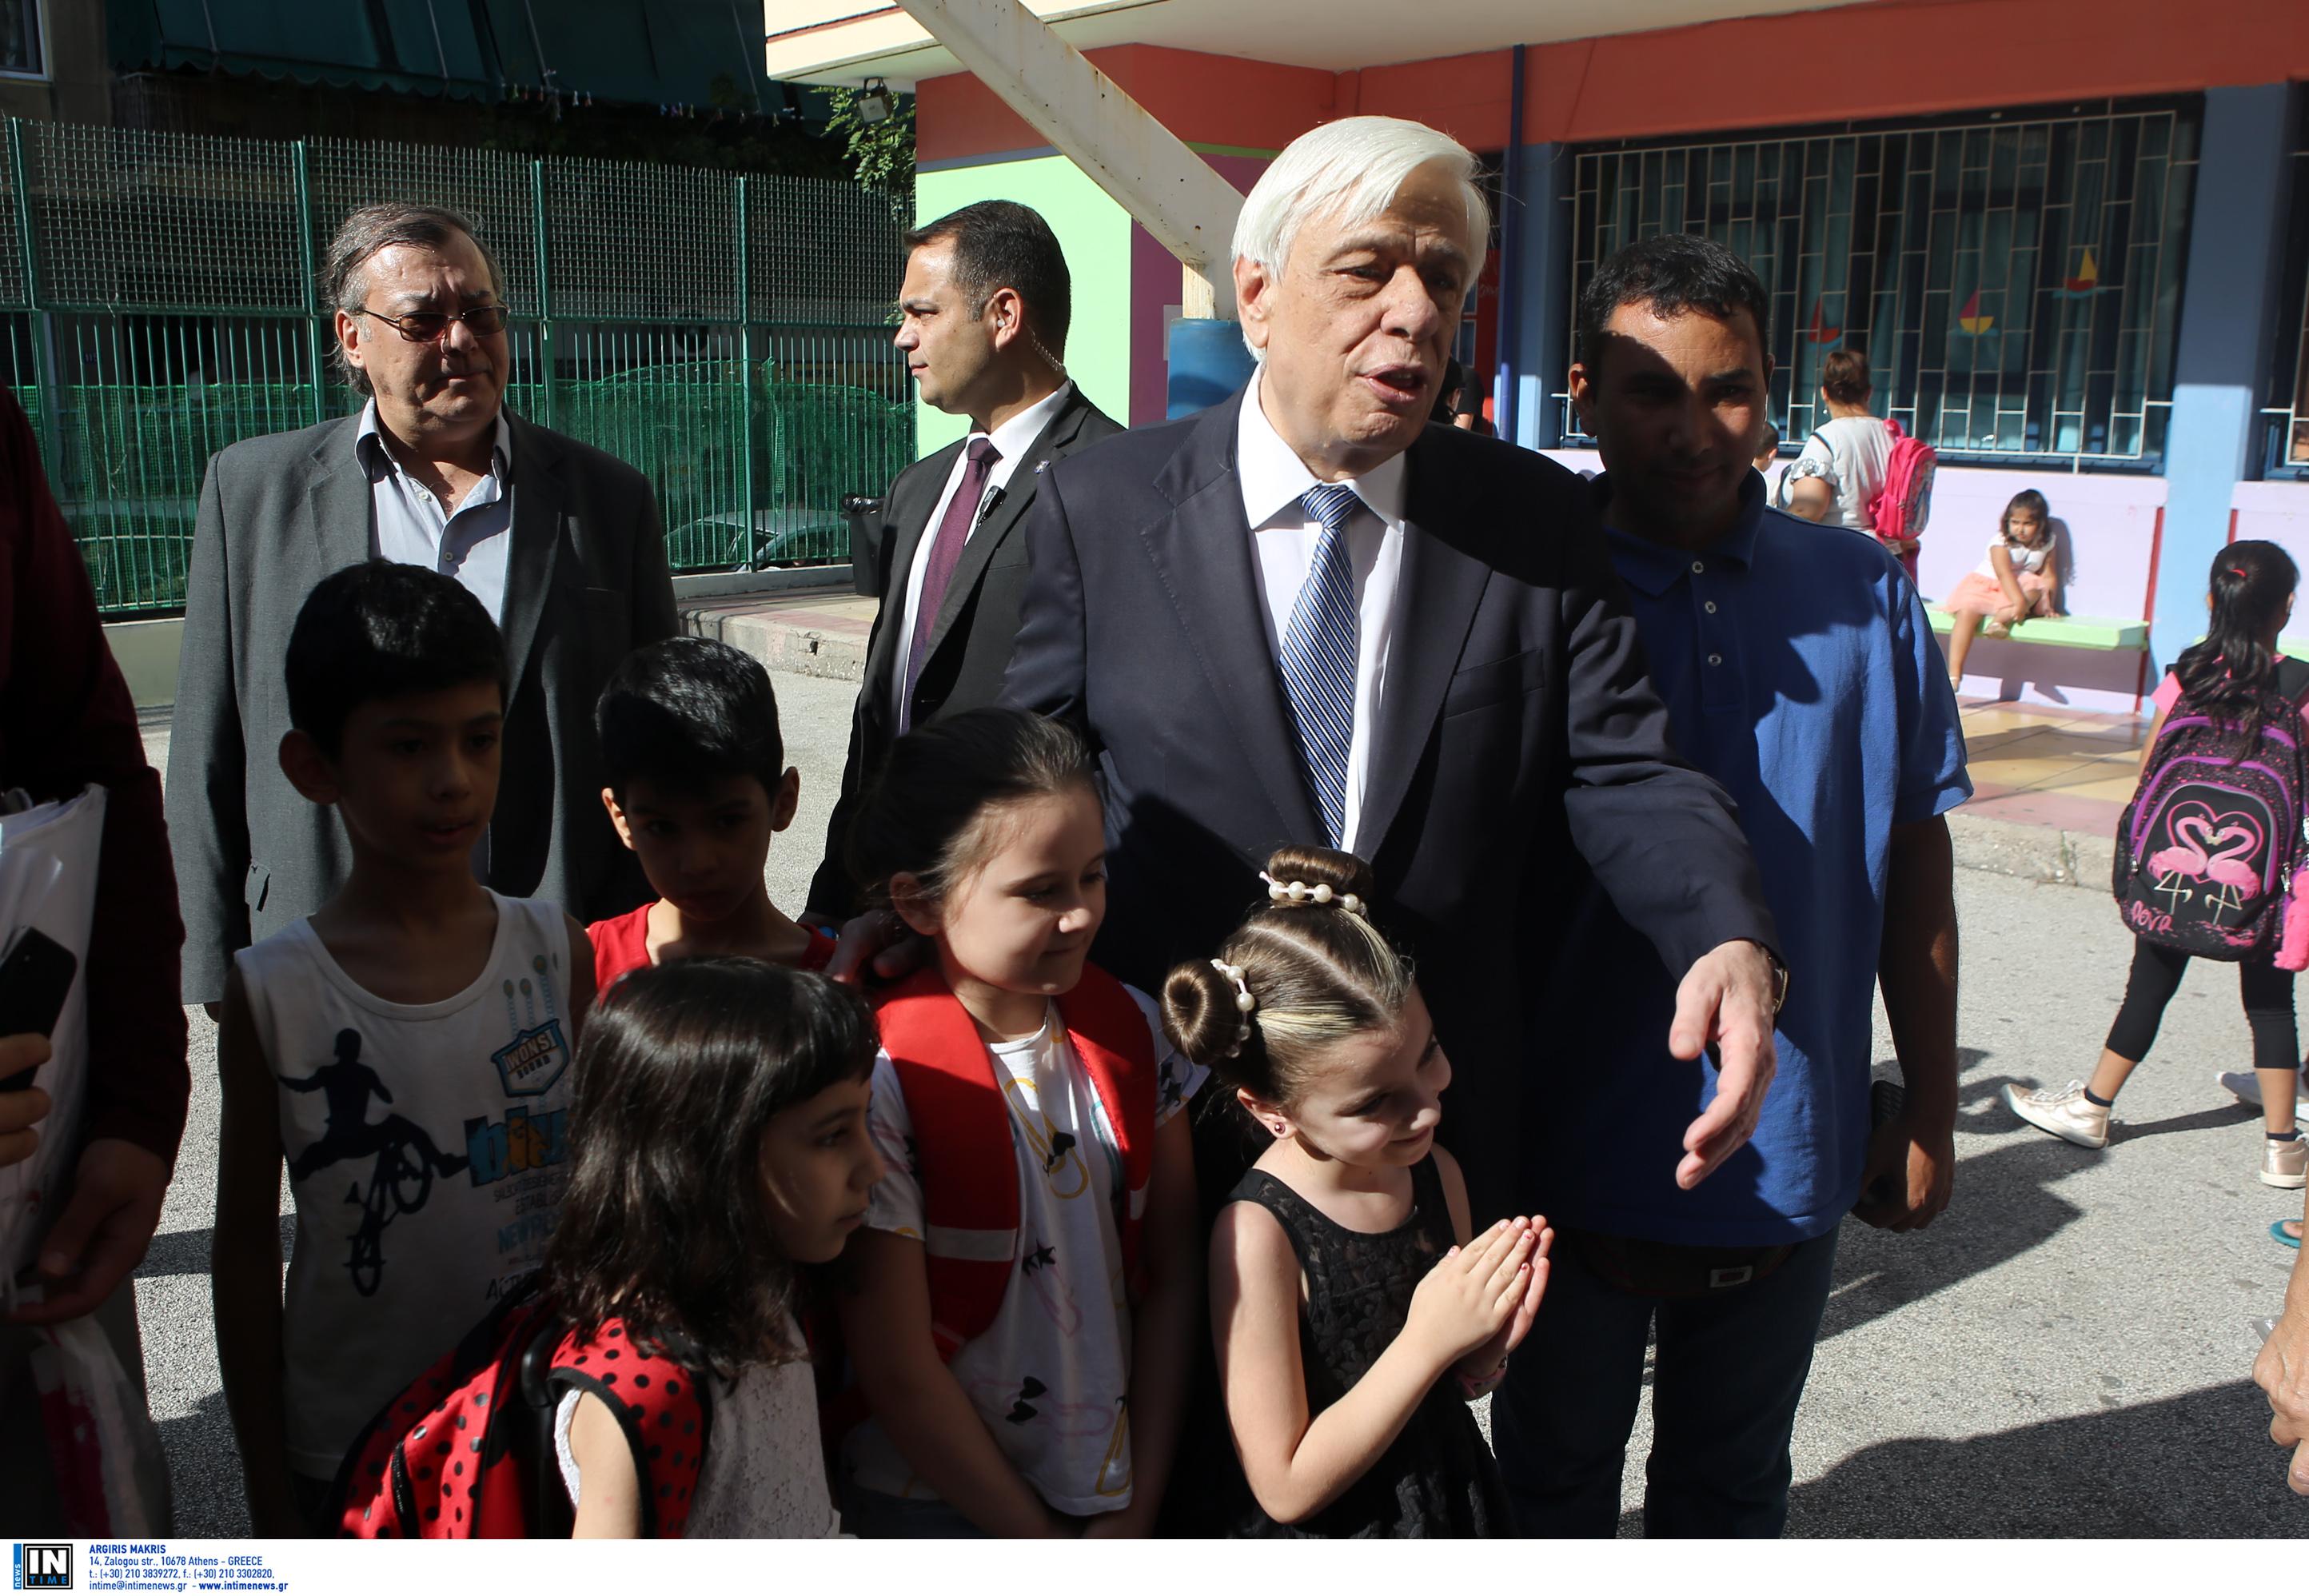 Συγκλονιστικός Παυλόπουλος: Είστε η ελπίδα και το μέλλον, μιλώ και για τα παιδιά που δεν είναι Έλληνες